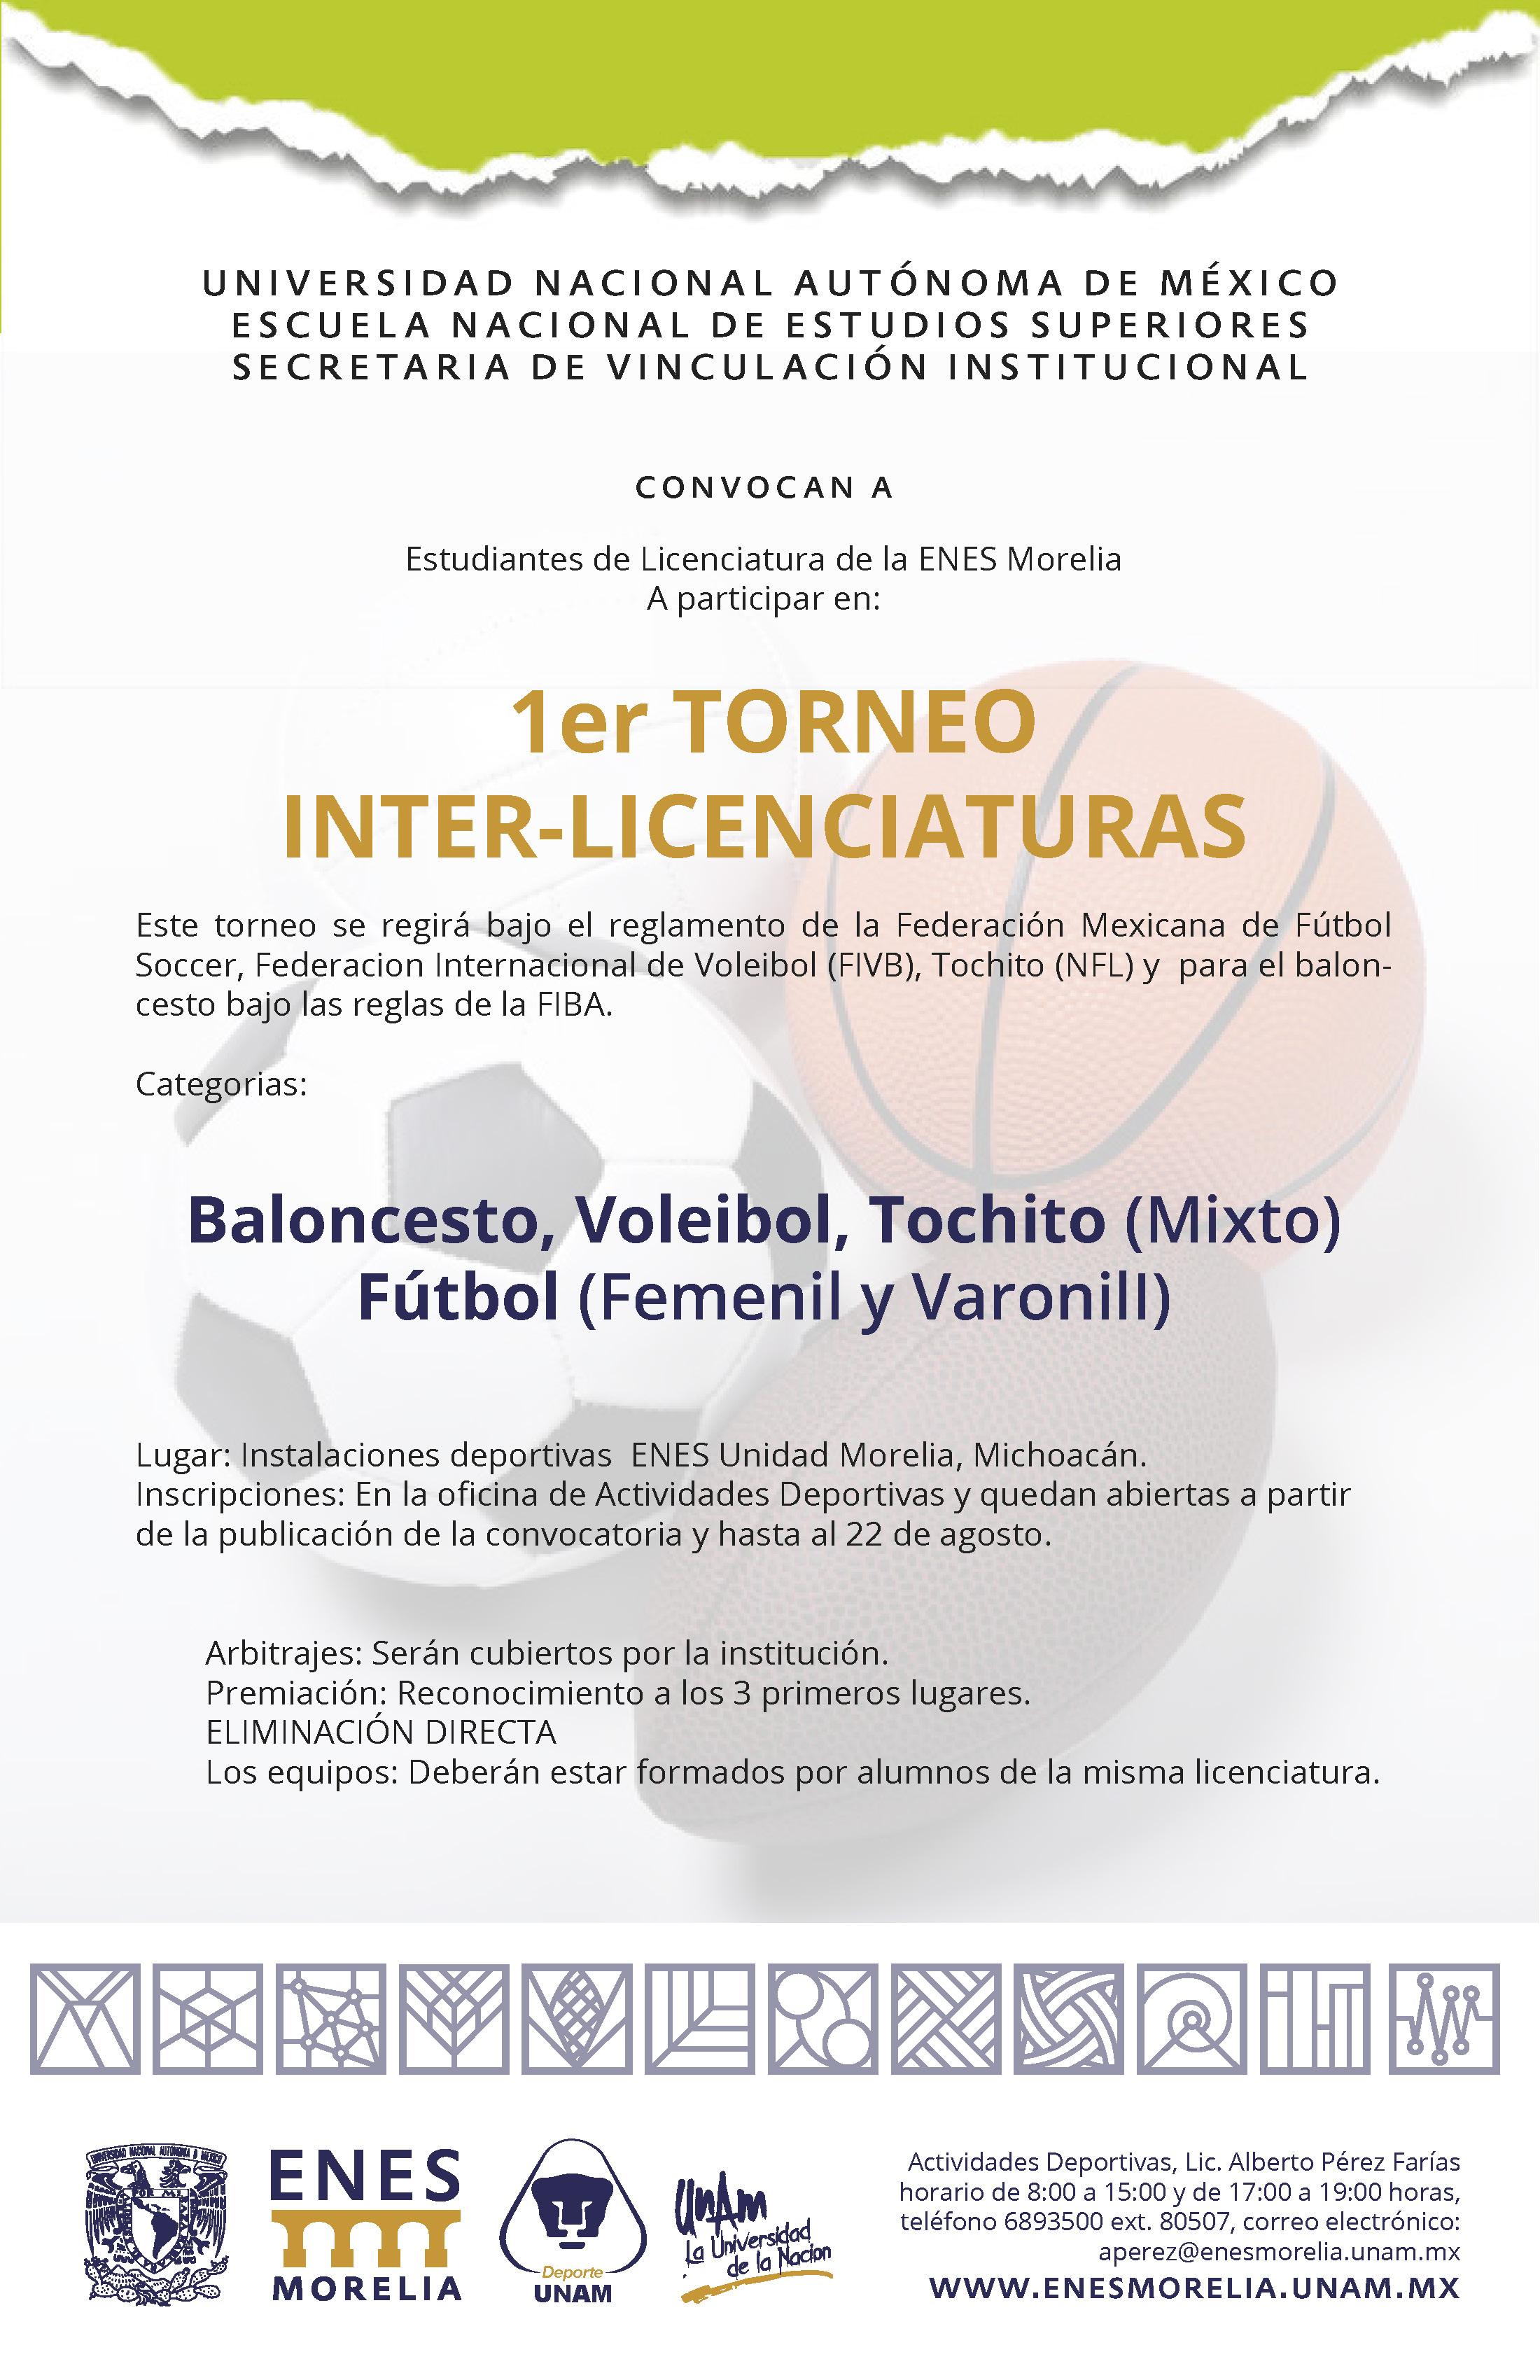 Inter-licenciaturas-ENES